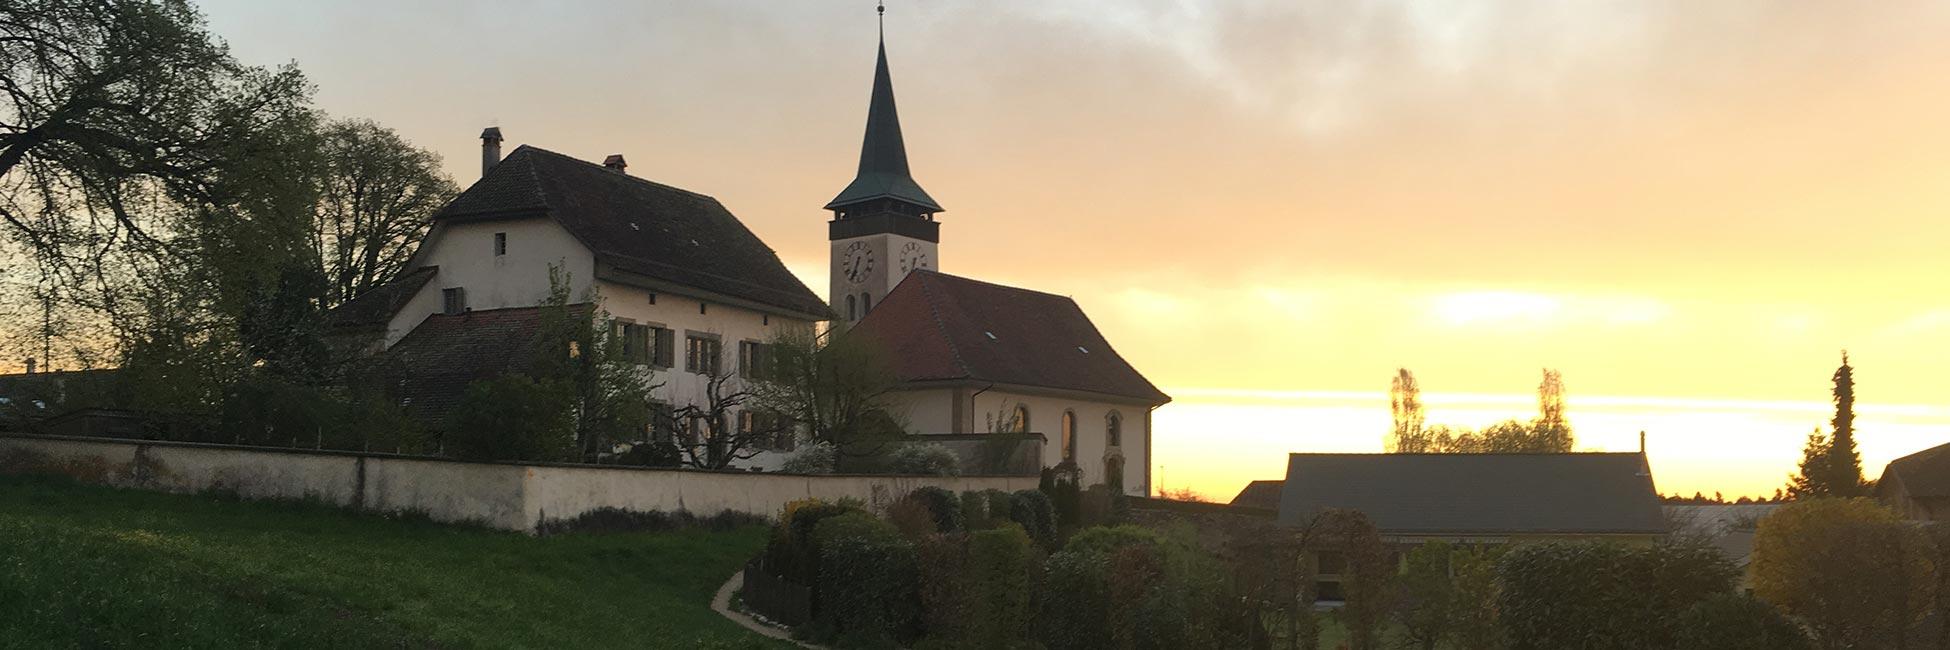 Projectes arquitectnics destudis contemporanis - Swiss